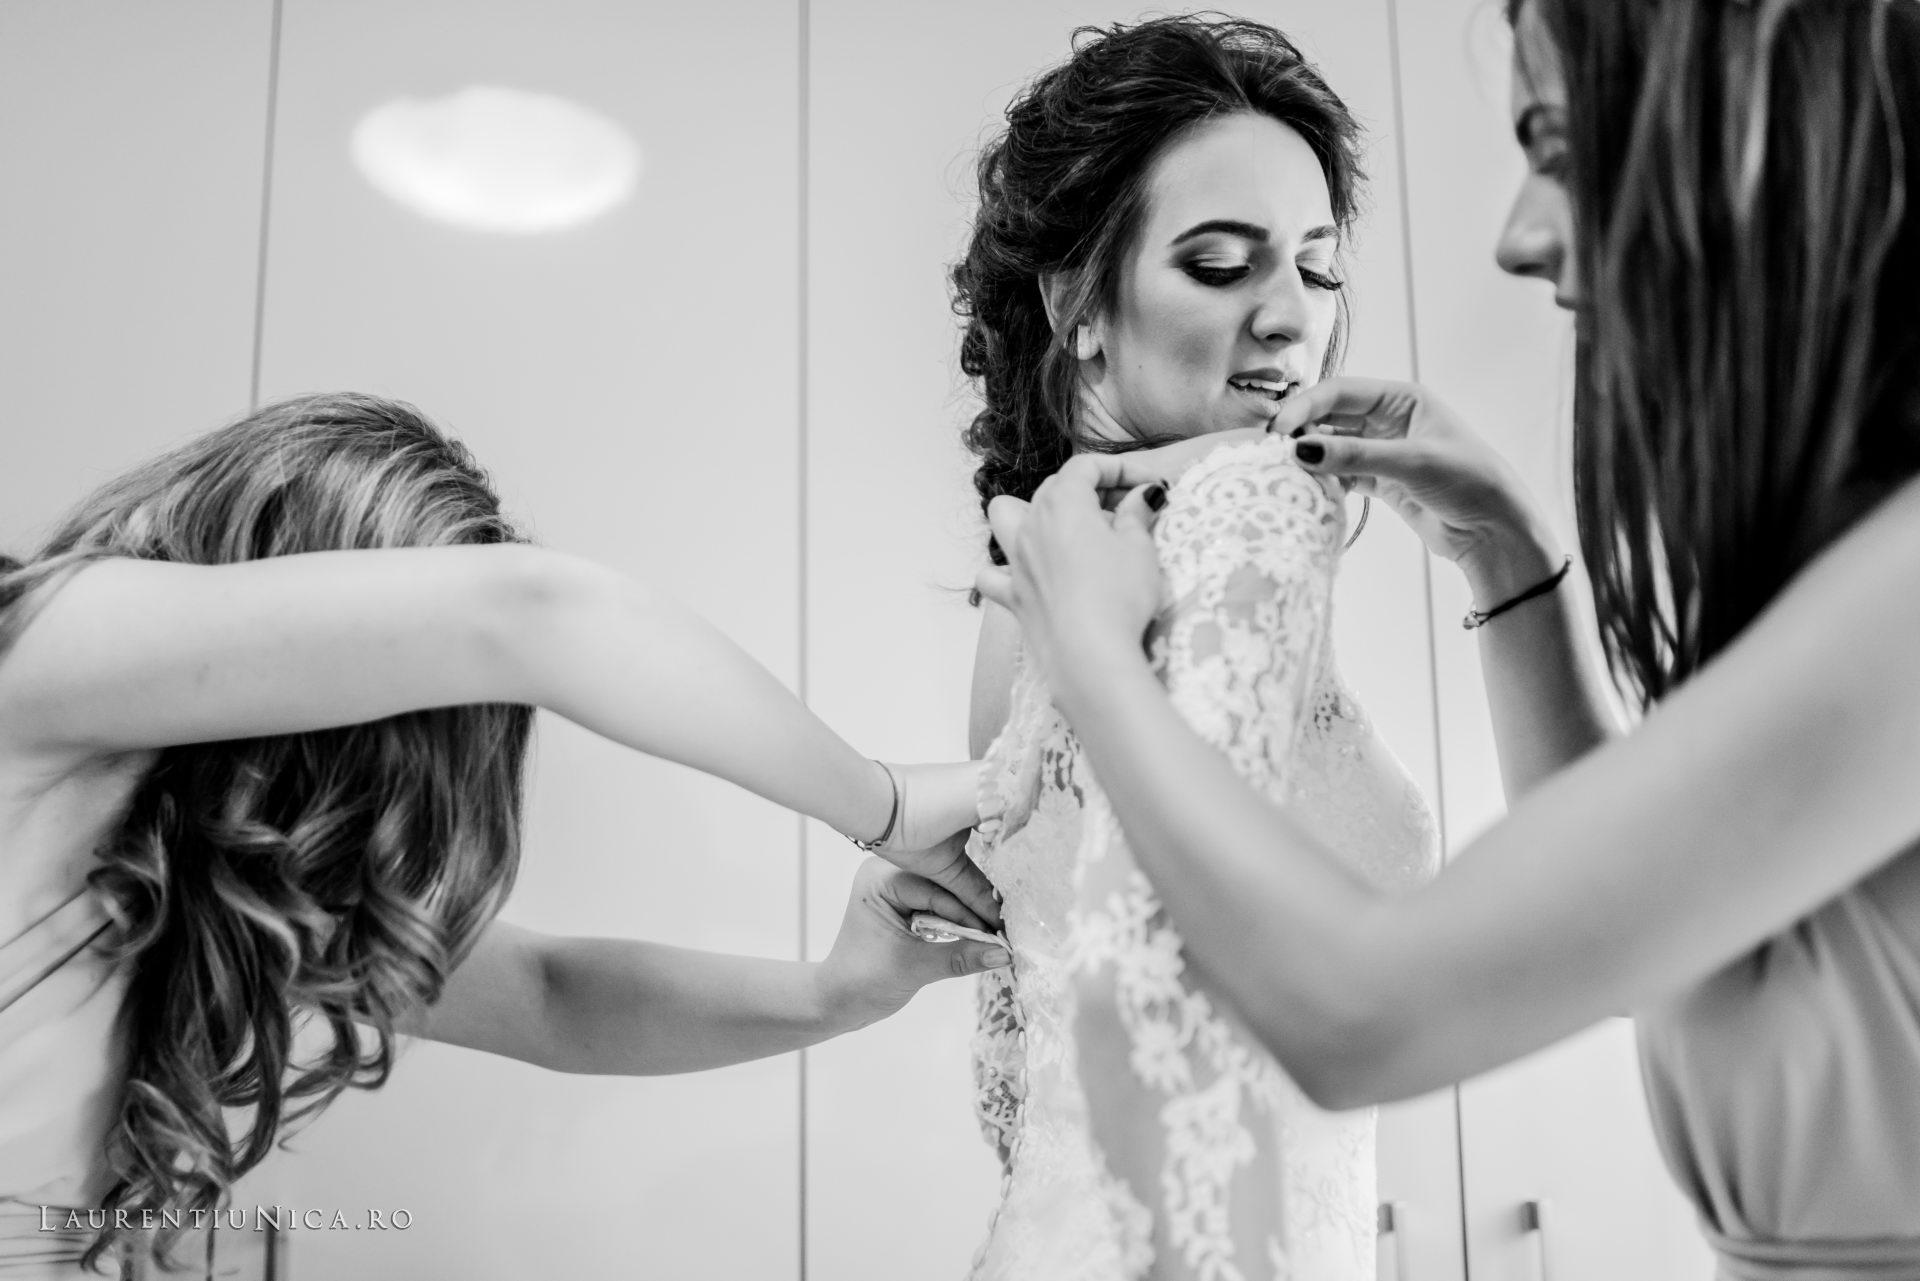 Cristina si Ovidiu nunta Craiova fotograf laurentiu nica 072 - Cristina & Ovidiu | Fotografii nunta | Craiova